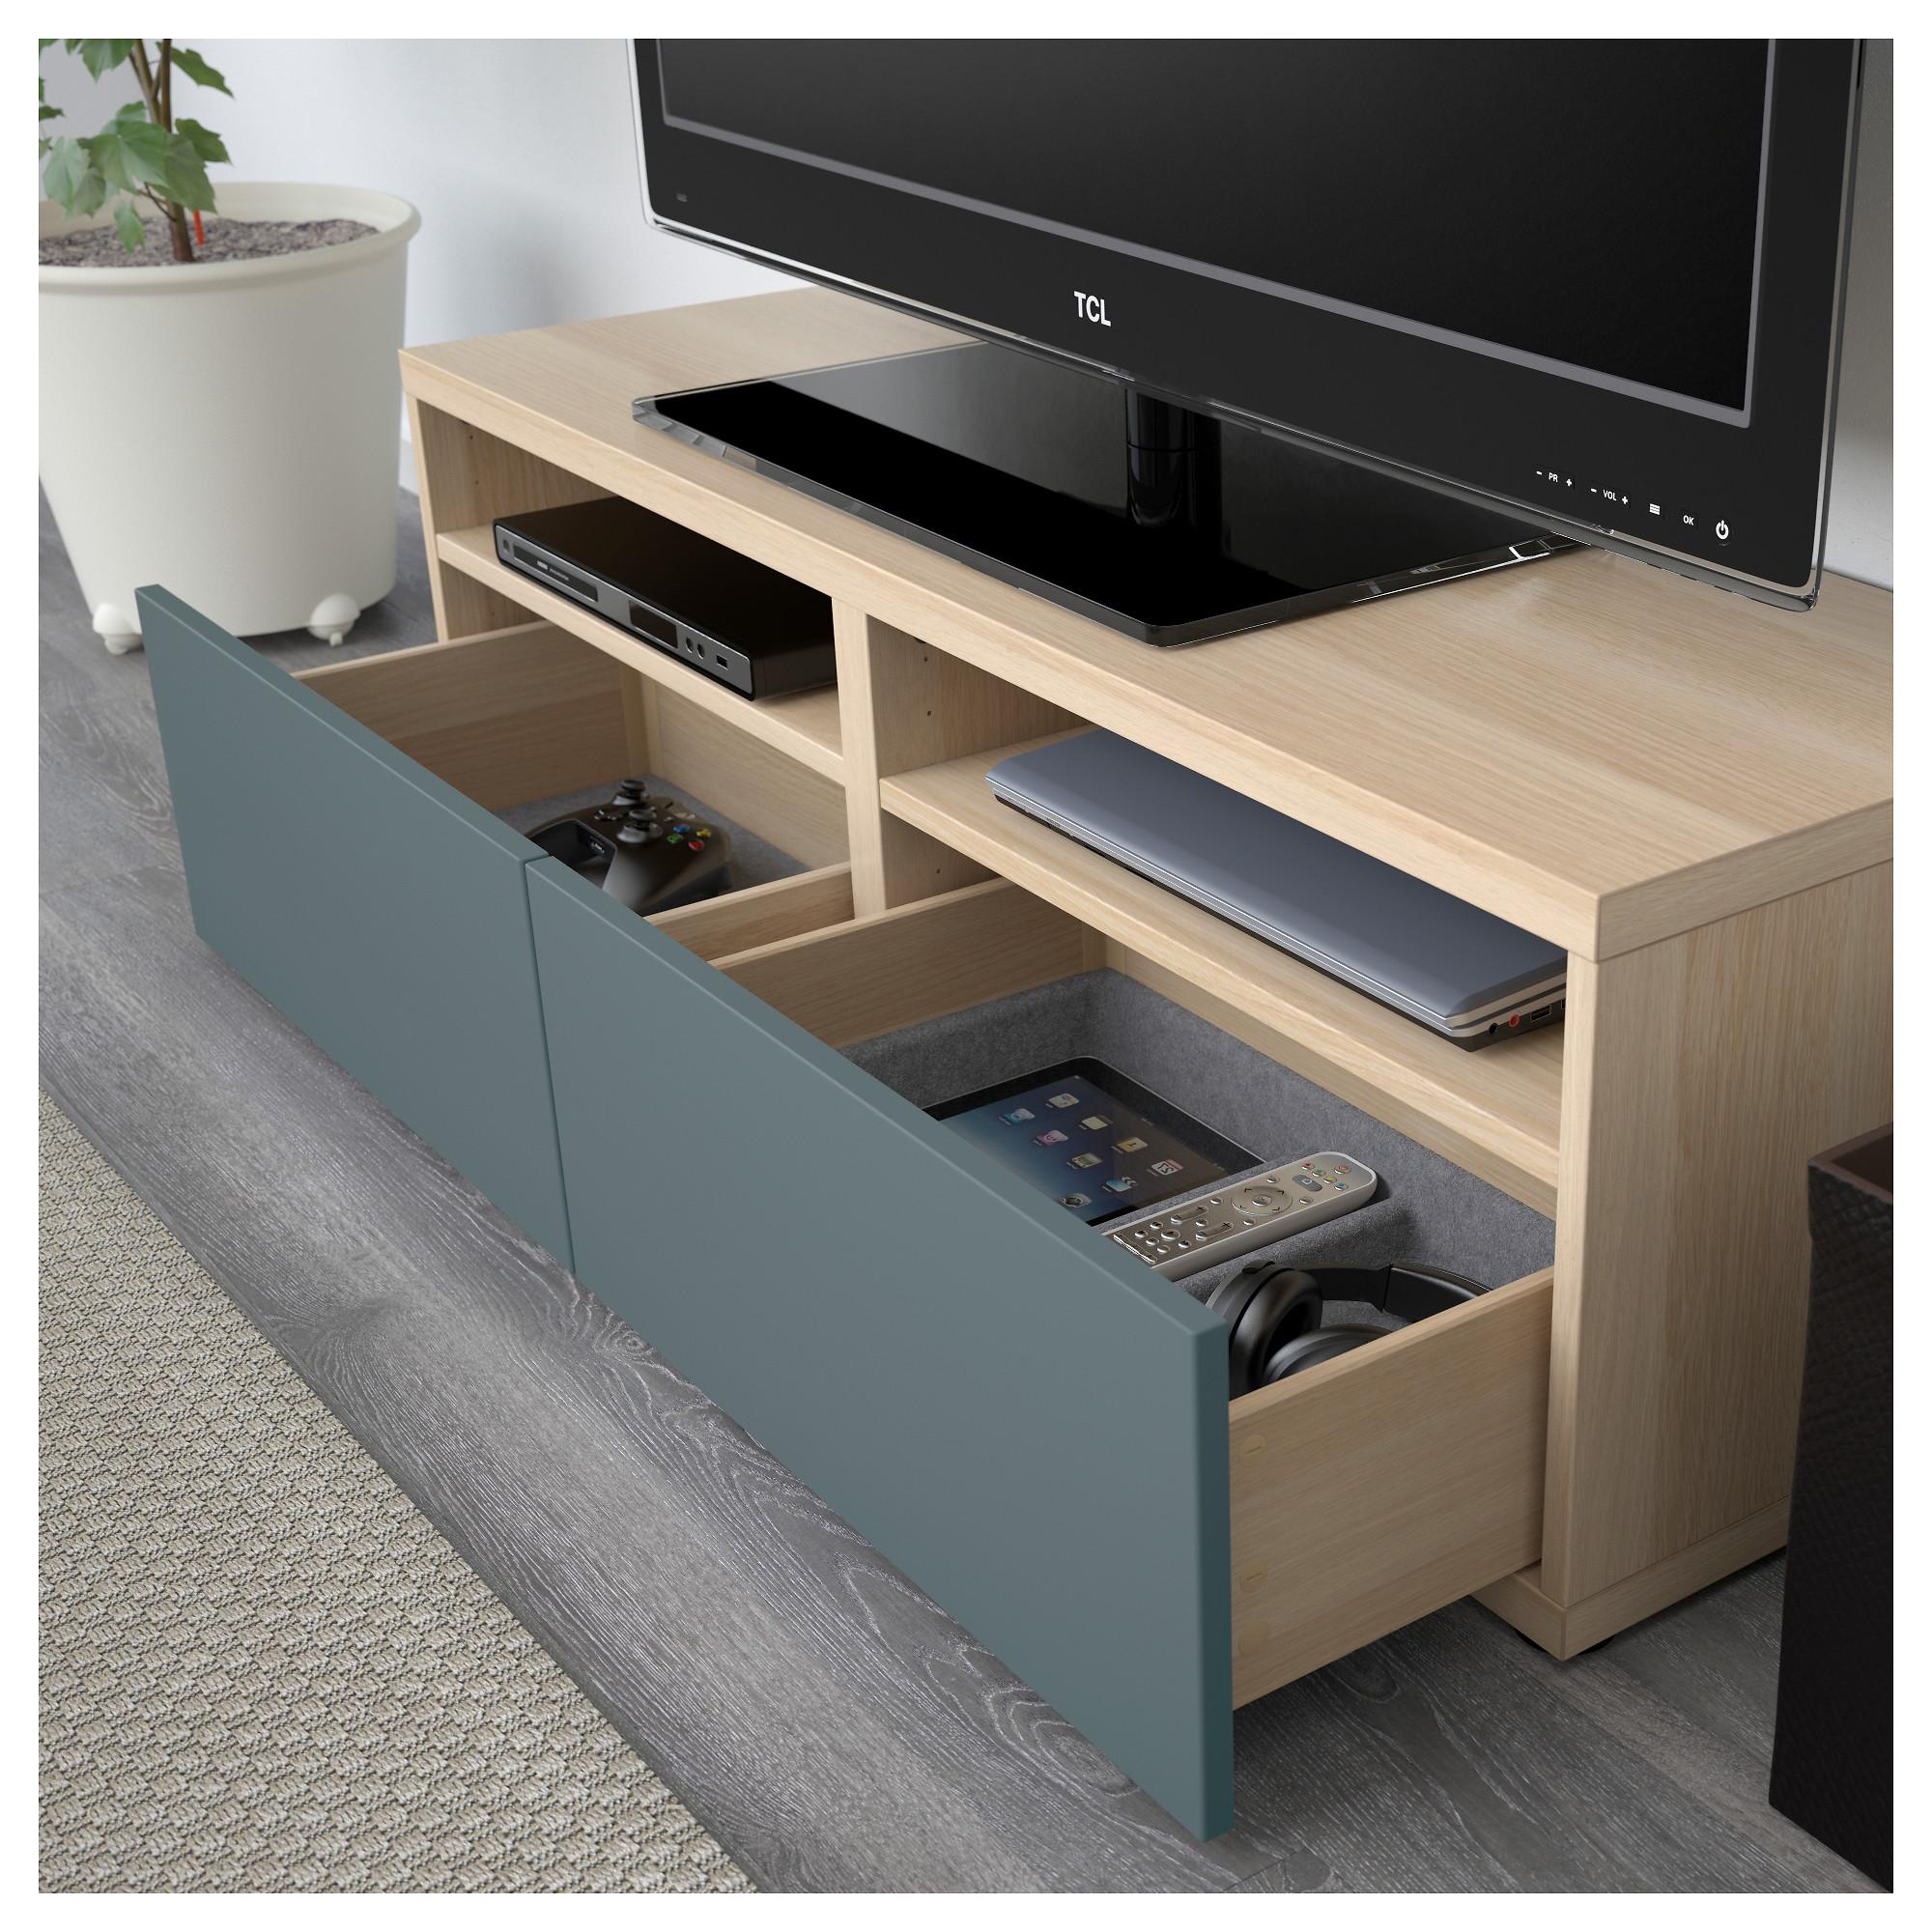 Шкаф для ТВ, комбинированный, стекляные дверцы БЕСТО артикуль № 592.505.01 в наличии. Онлайн каталог IKEA Минск. Быстрая доставка и соборка.